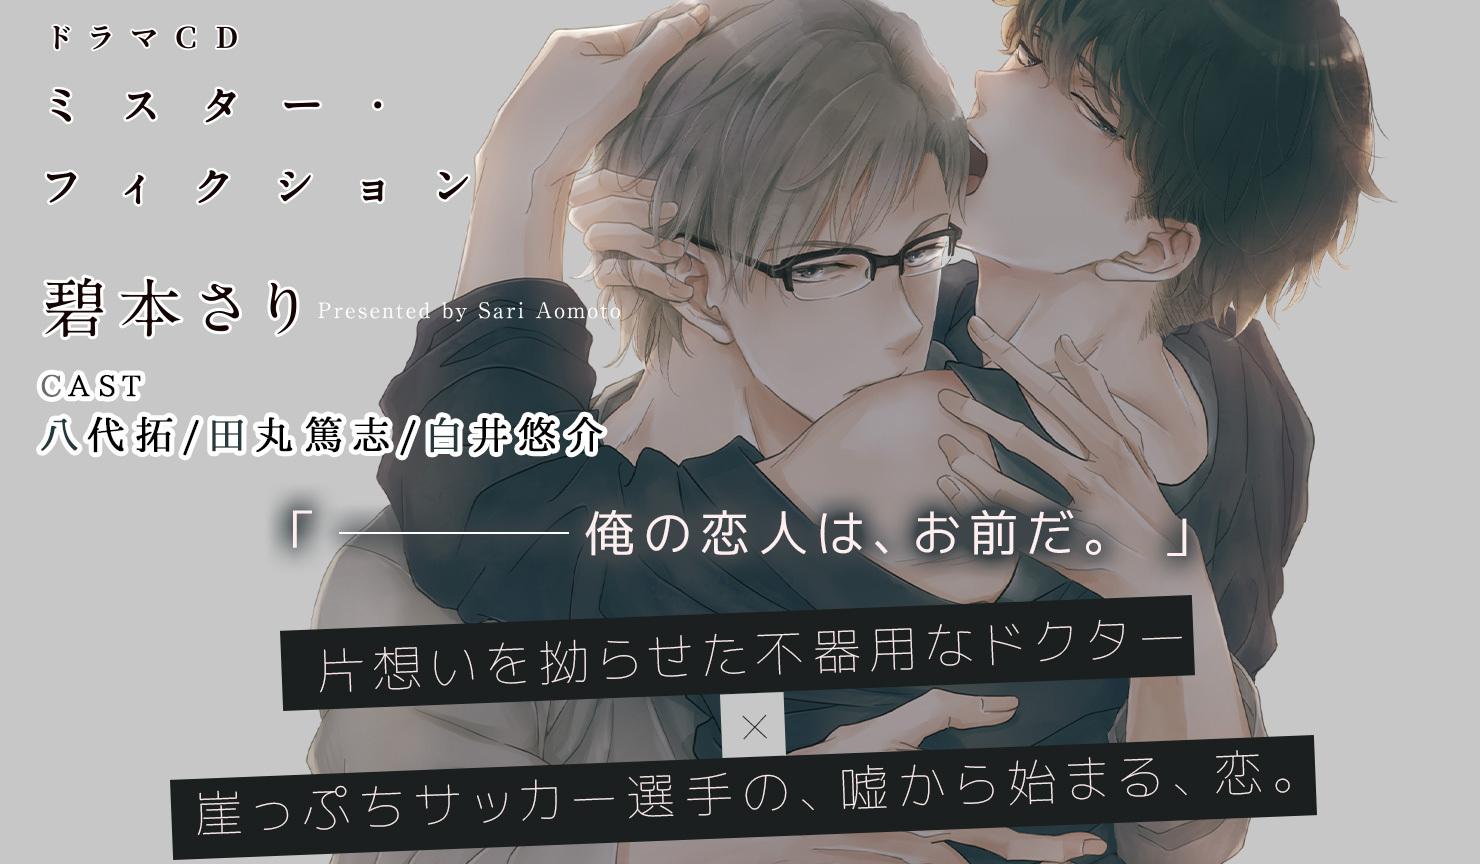 BLCD『ミスター・フィクション』(出演声優:八代拓 田丸篤志 白井悠介 他)が配信・データ販売開始!